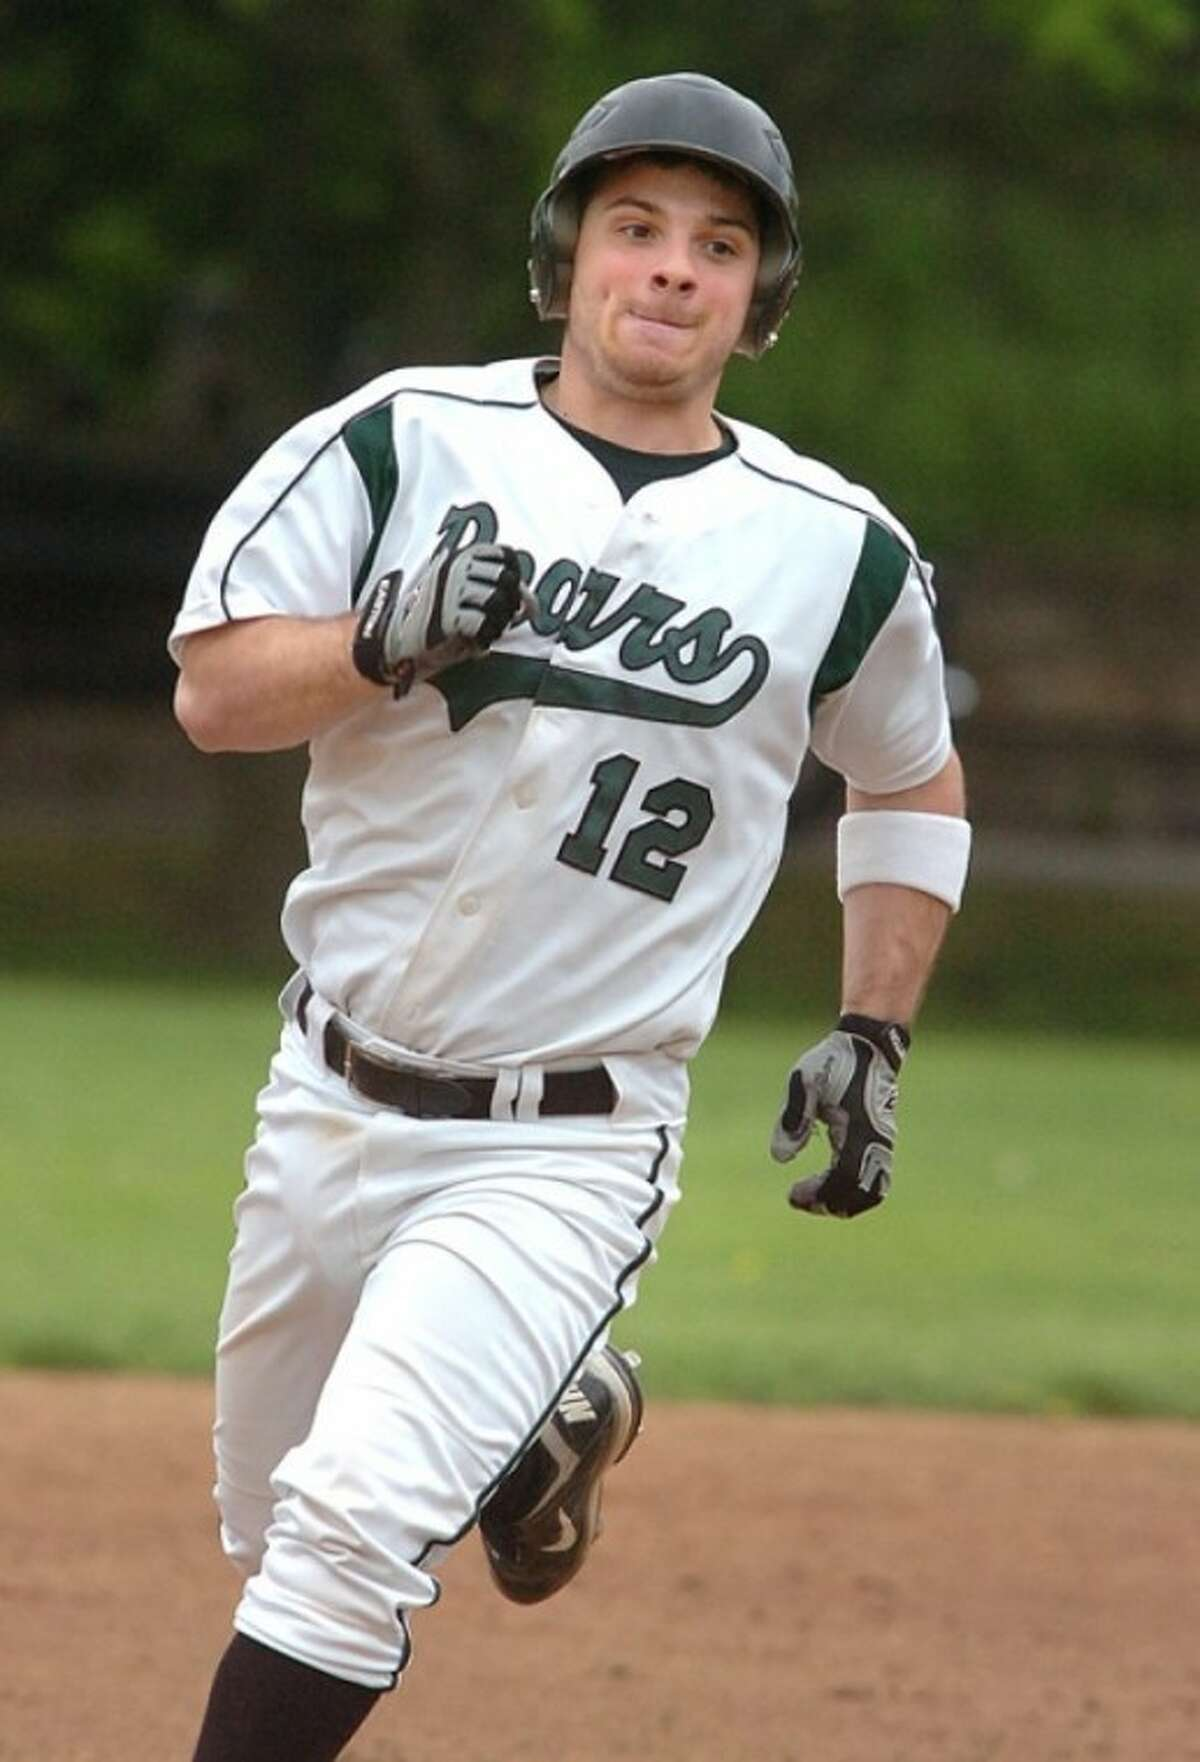 Photo/Alex von Kleydorff. Norwalks #12 heads for third base after hitting a triple vs Stamford